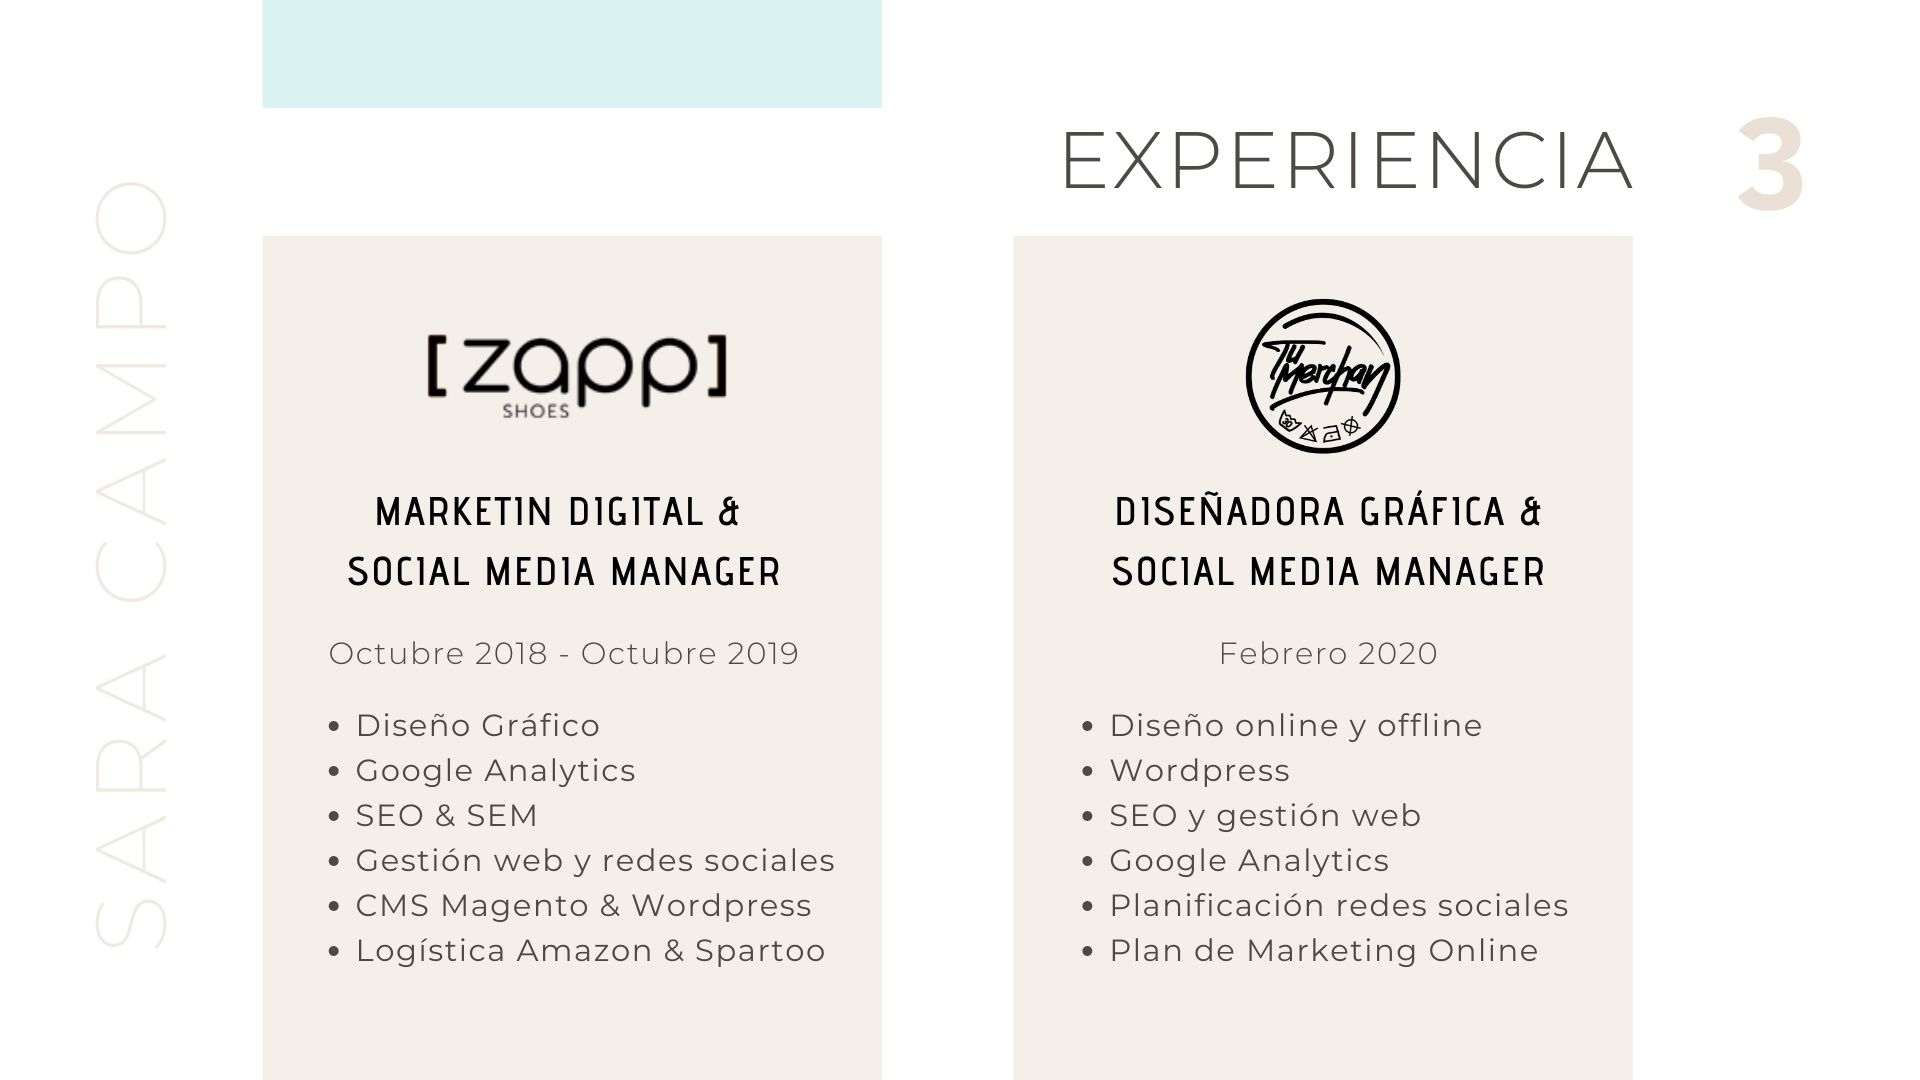 portfolio_Sara_campo_experiencia_2